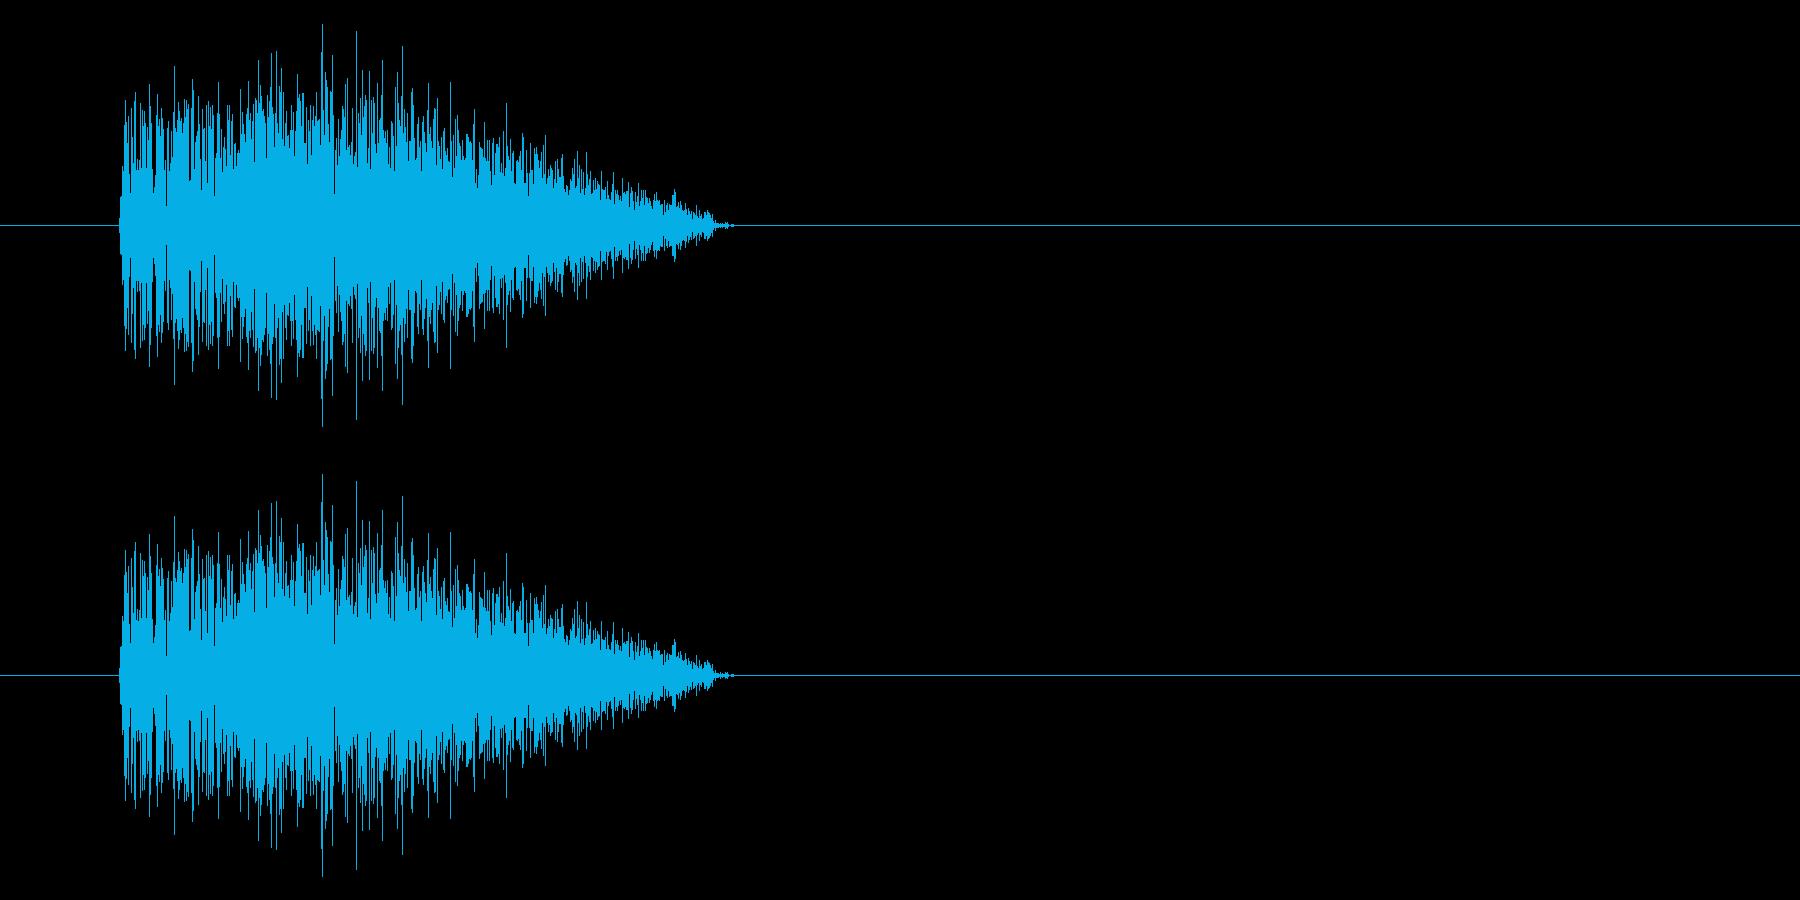 【NES RPG01-06(倒す)】の再生済みの波形